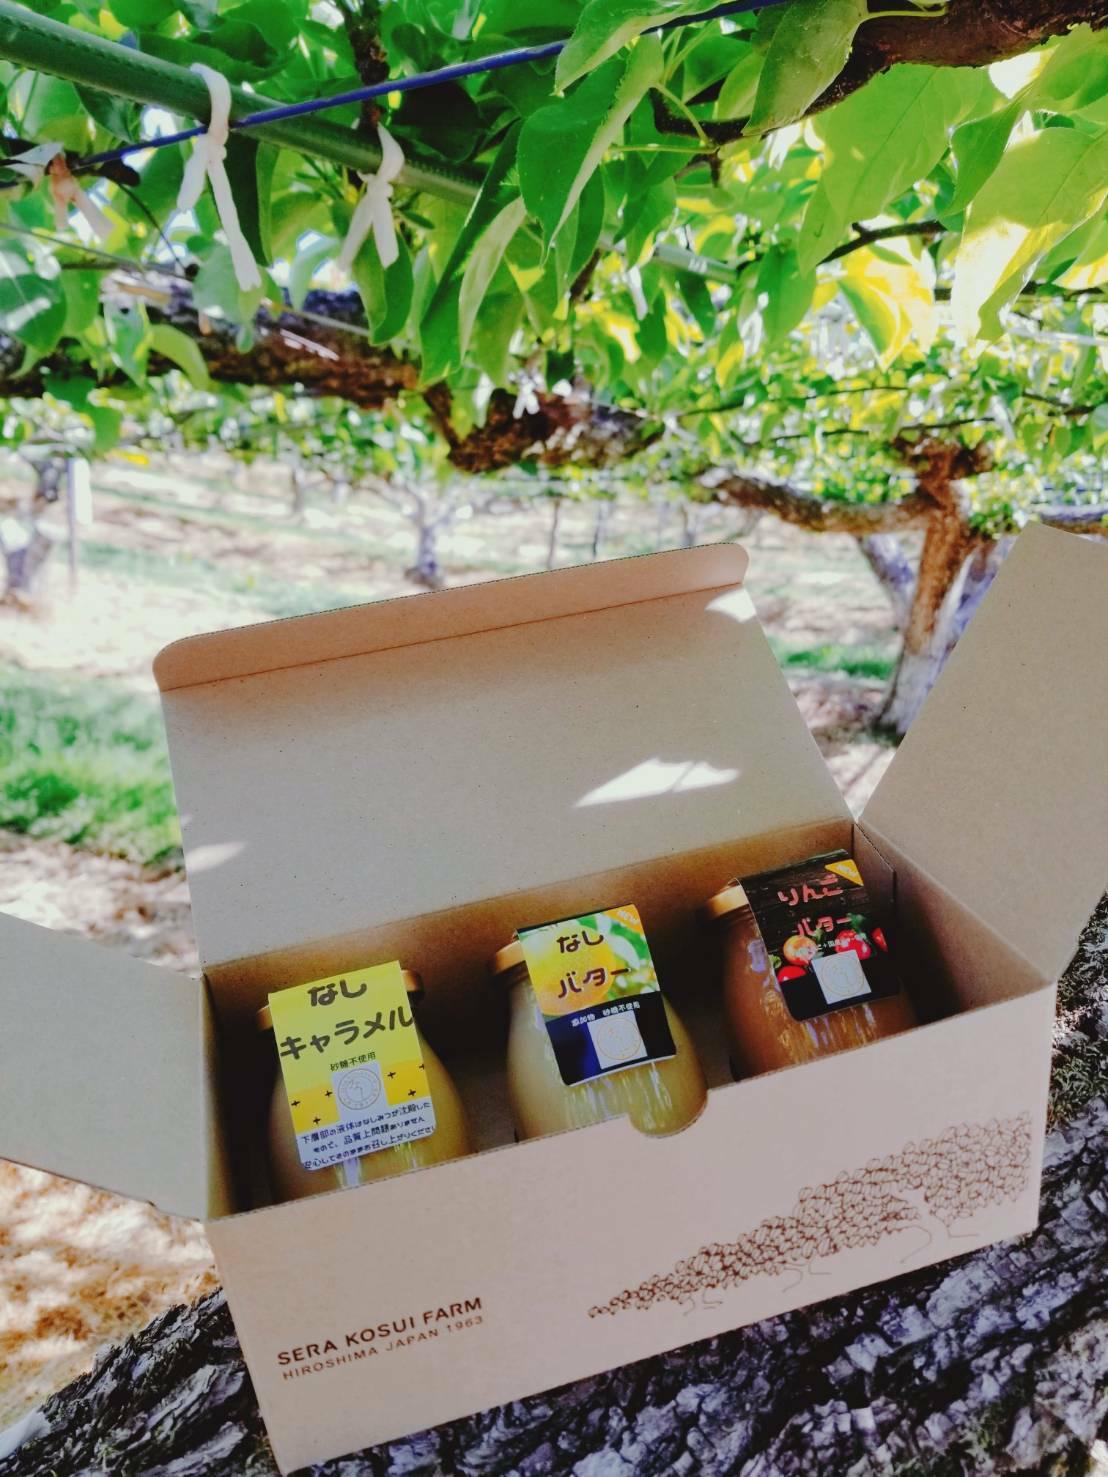 世羅幸水農園の「なしバター、なしキャラメル、りんごバター」の詰め合わせ